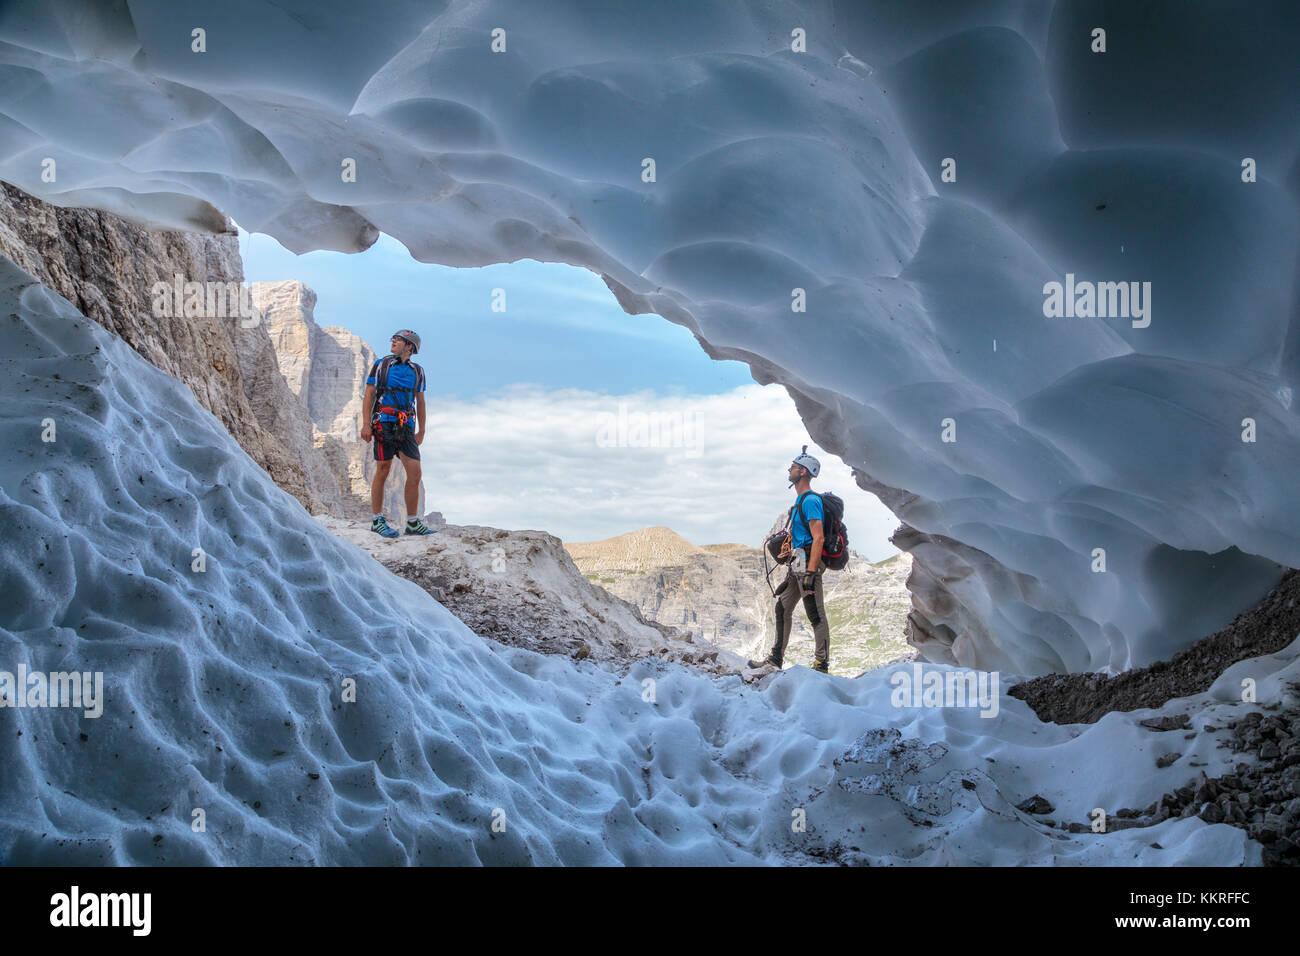 L'Italia, Alto Adige, Val Pusteria, sesto. Grotta della neve nella stagione estiva lungo il alpinisteig / strada Foto Stock